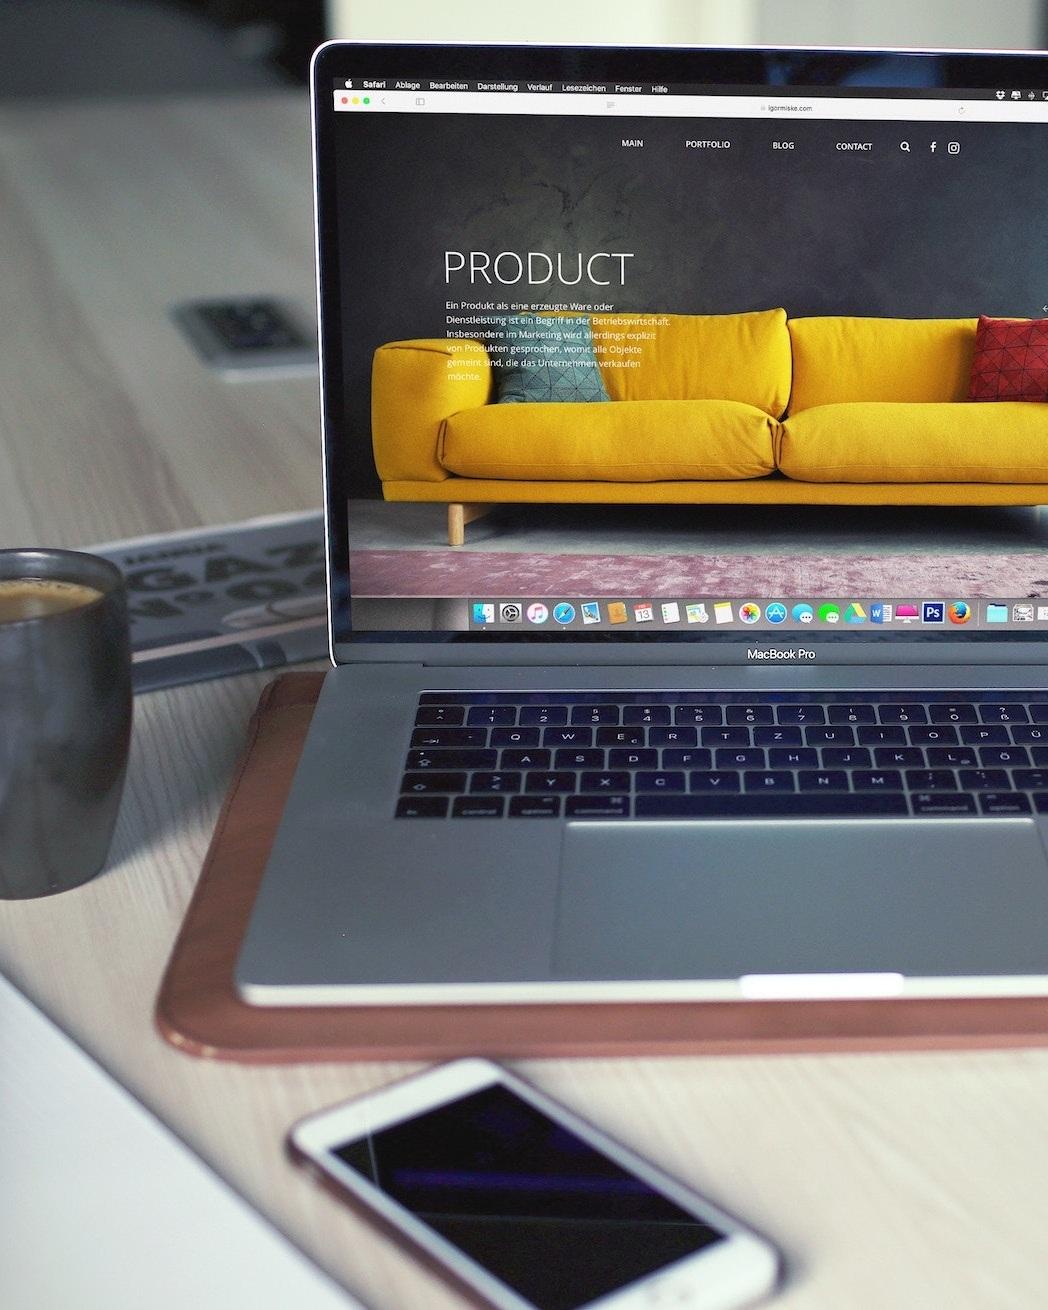 Qué hacemos? - Hacemos todo aquello que necesitas como fabricante del sector del mueble para poder vender tus productos en el canal e-commerce.Diseño y adaptación de productos, soluciones de embalaje, soluciones logísticas, desarrollo de página web/tienda online, formación de personal, estrategias de marketing y mucho más.